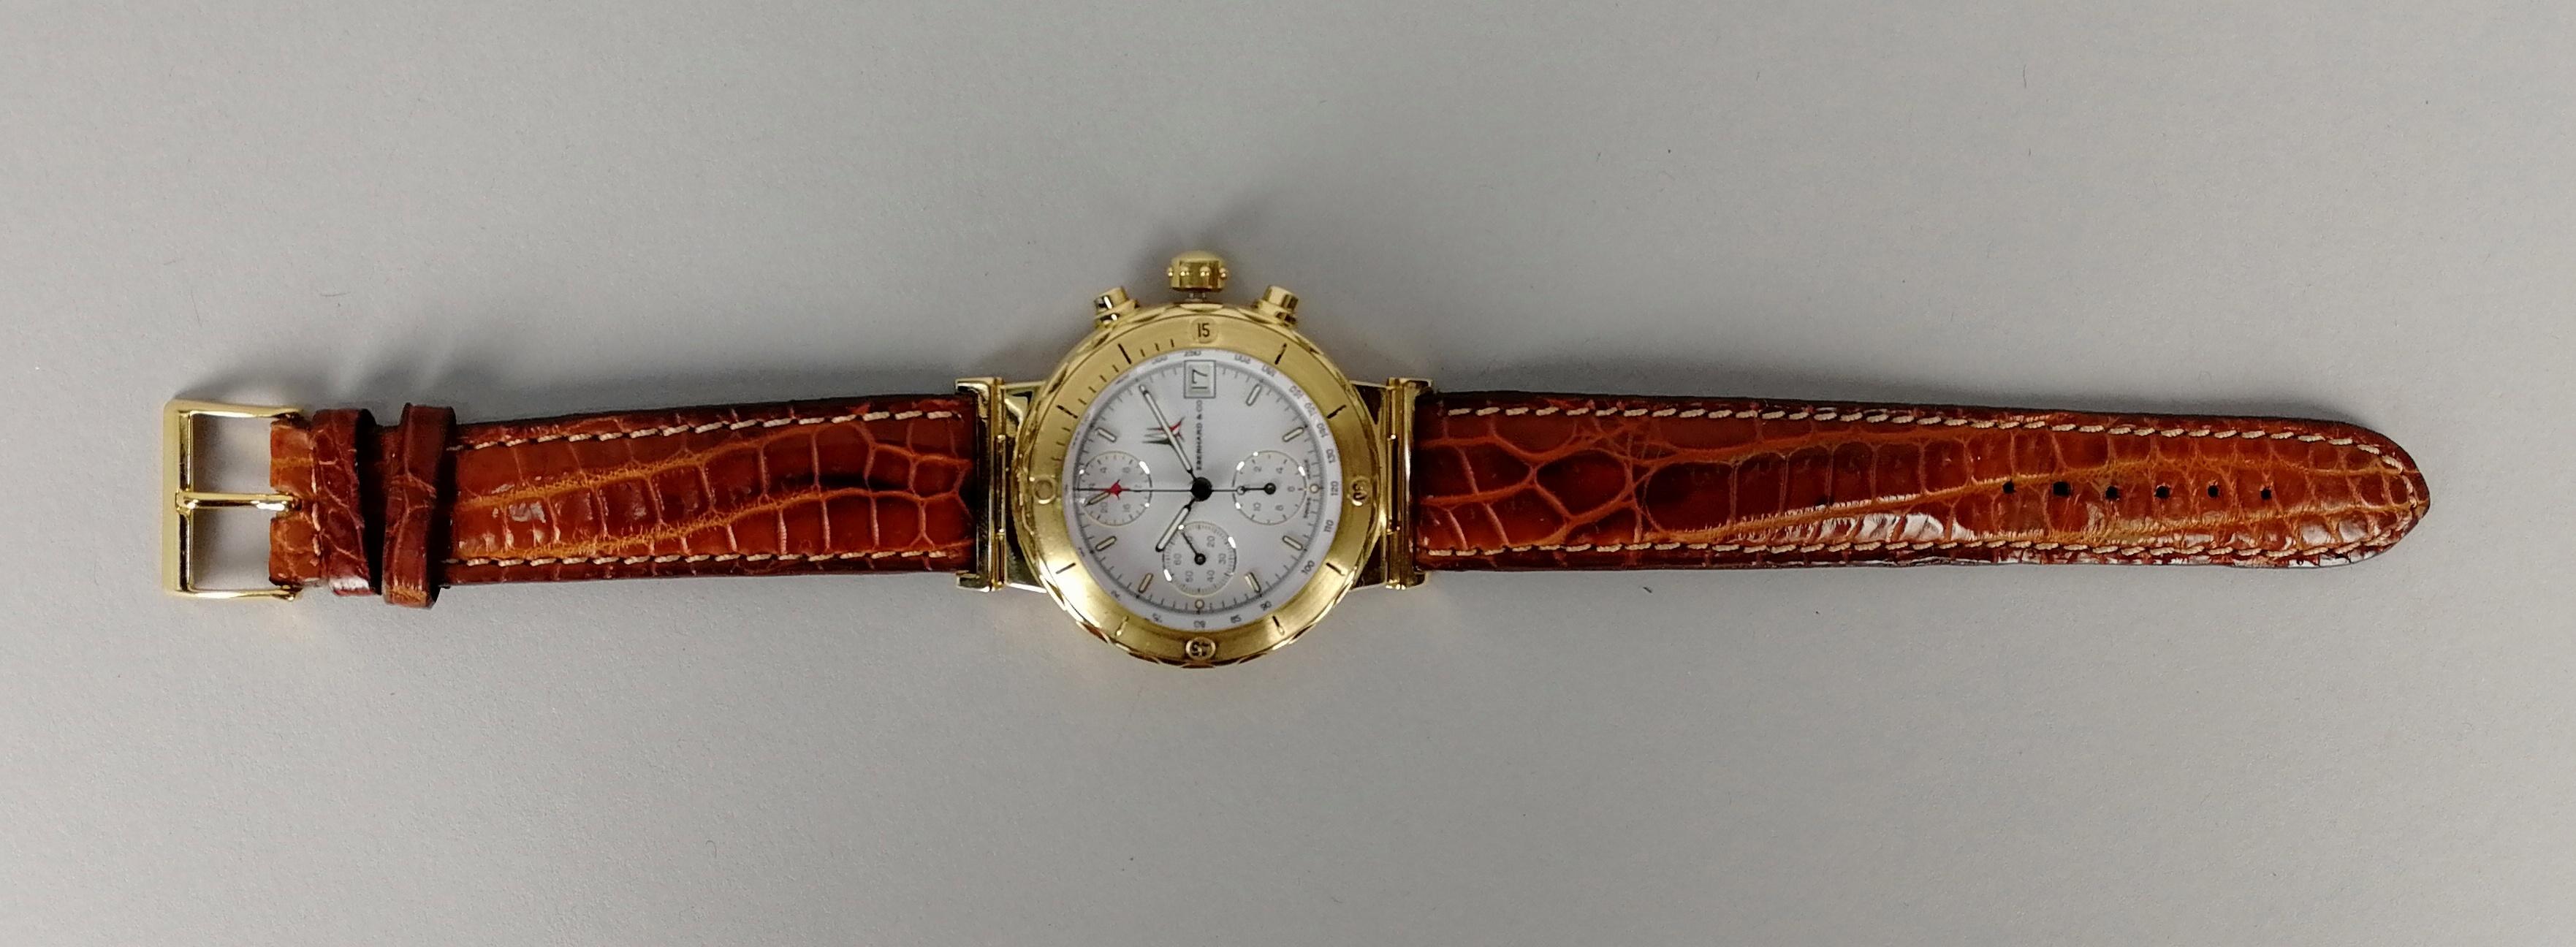 Lot 22 - EBERHARD. Orologio da uomo in oro giallo 18 kt. con cinturino in pelle e quadrante bianco. Anno di